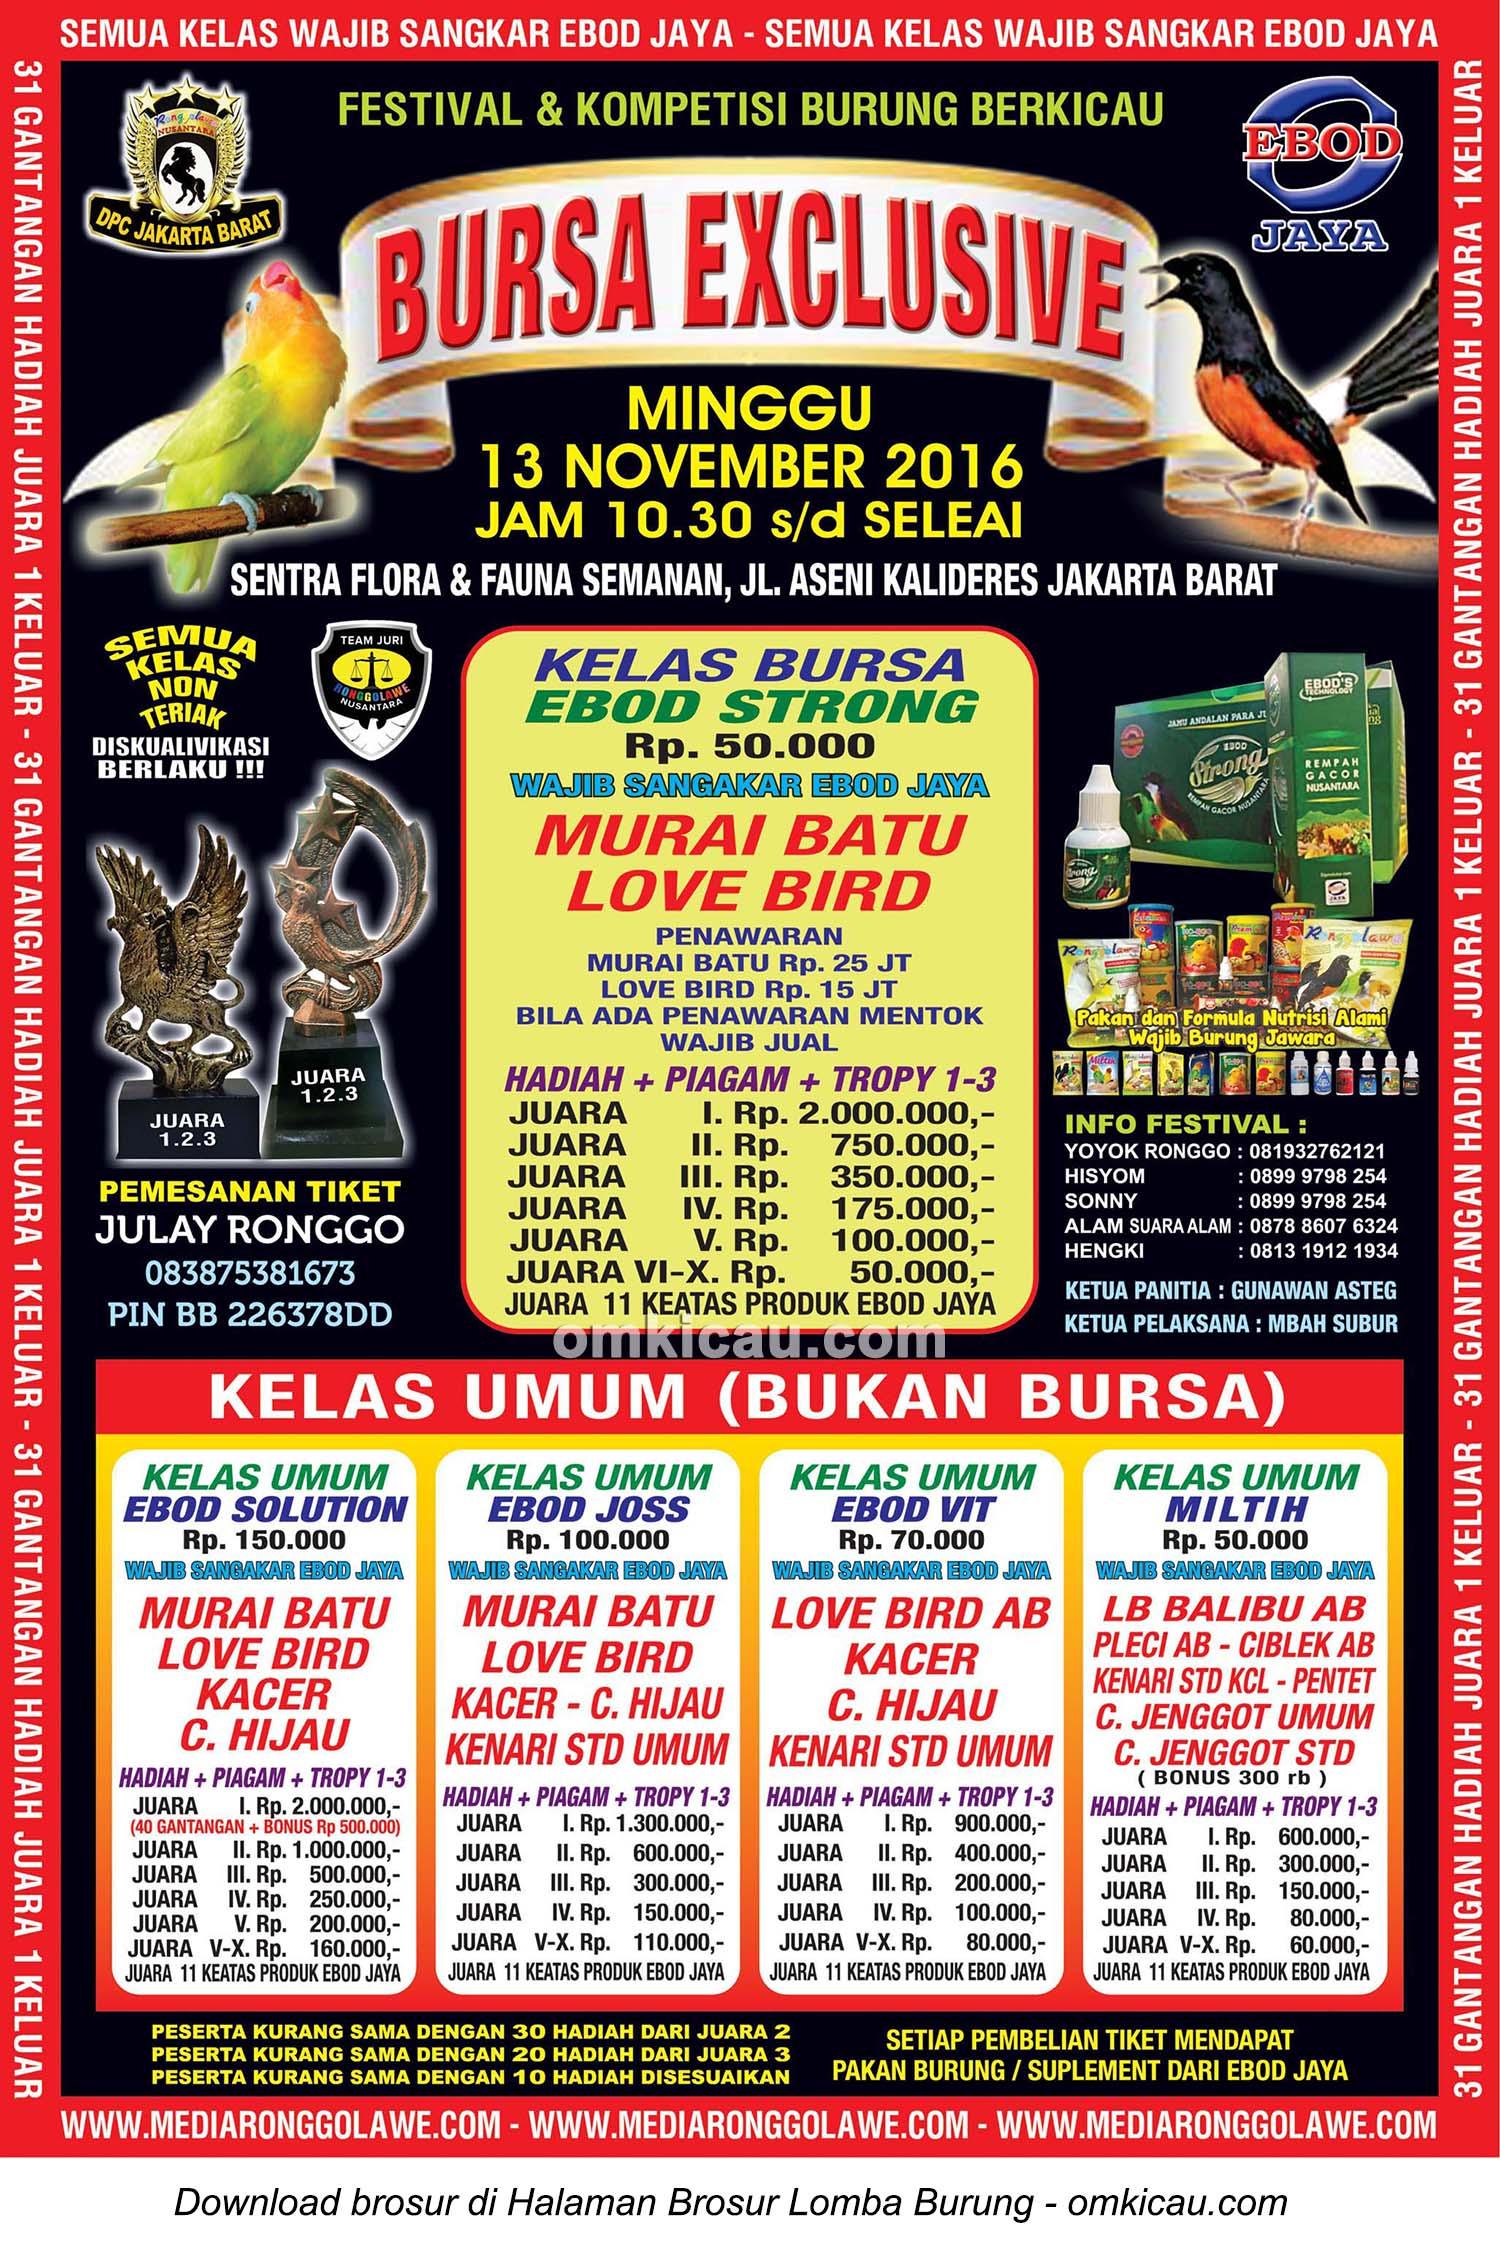 Brosur Lomba Burung Berkicau Bursa Exclusive Ronggolawe DPC Jakarta Barat, 13 November 2016